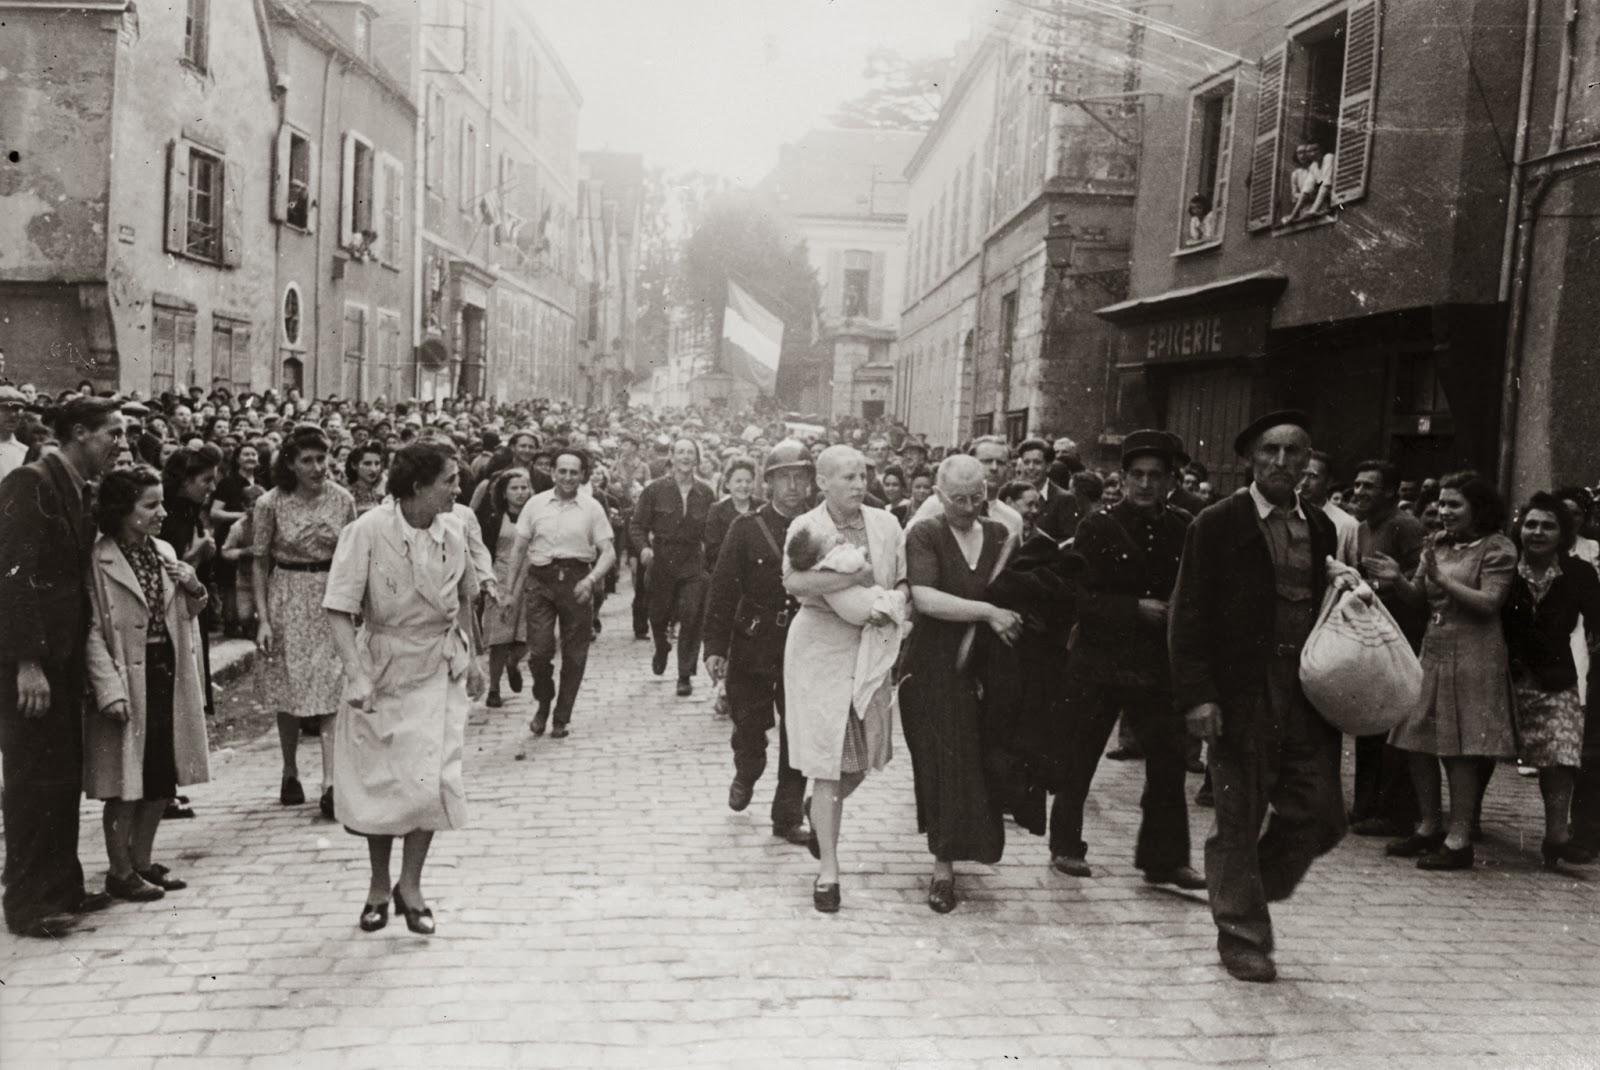 Donne rasate a zero per punizione - 1944